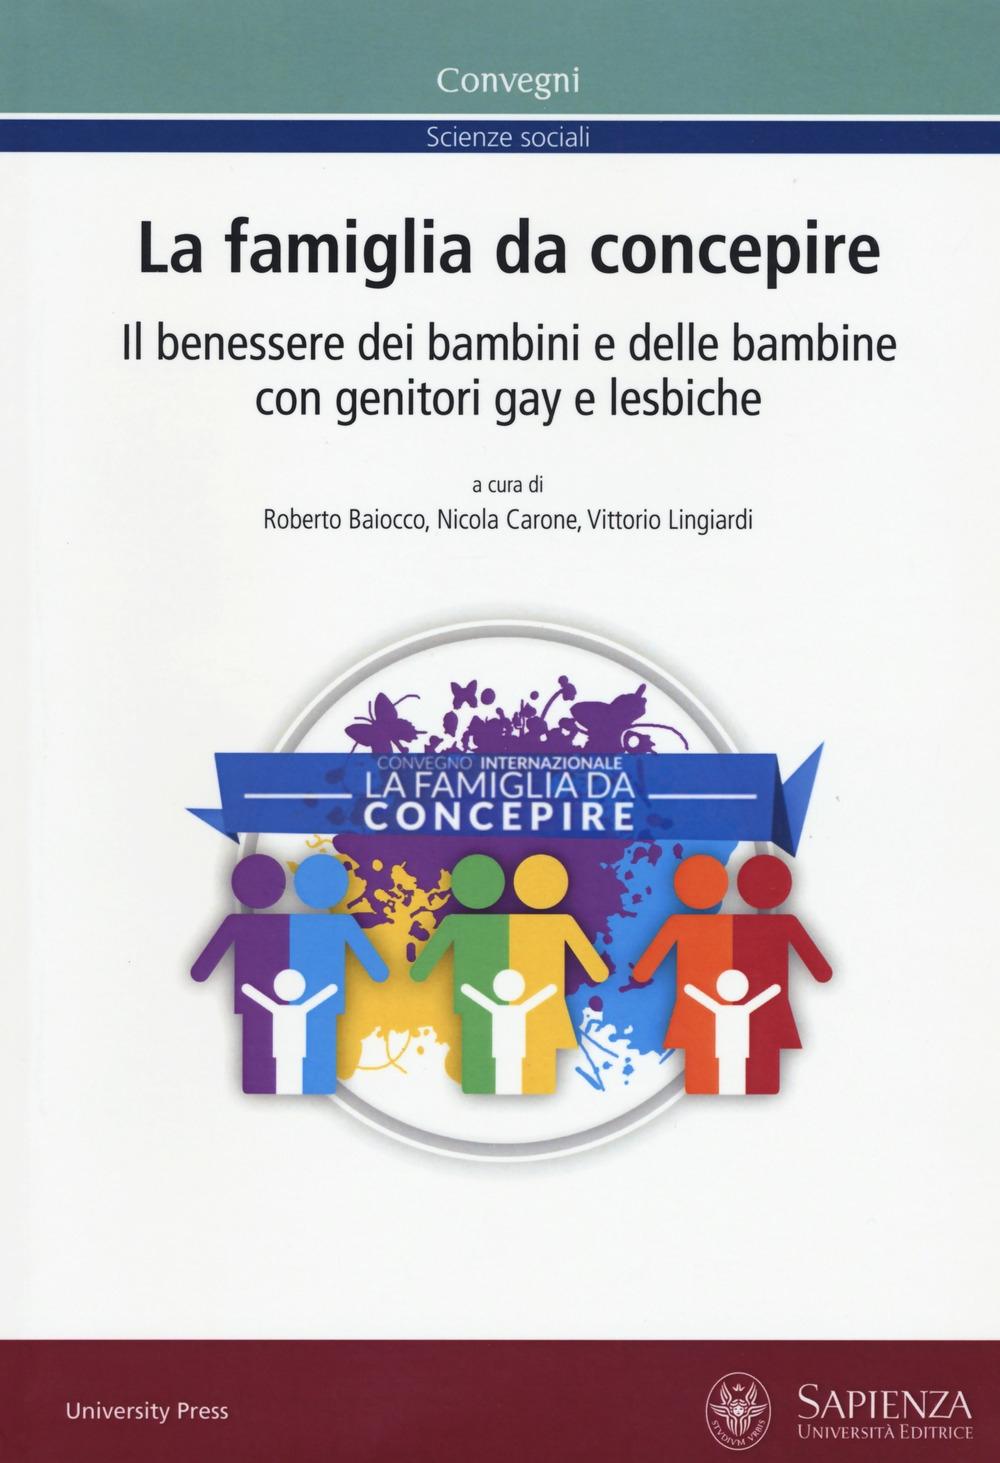 La famiglia da concepire. Il benessere dei bambini e delle bambine con genitori gay e lesbiche. Atti del convegno (Roma, 23-24 giugno 2016)